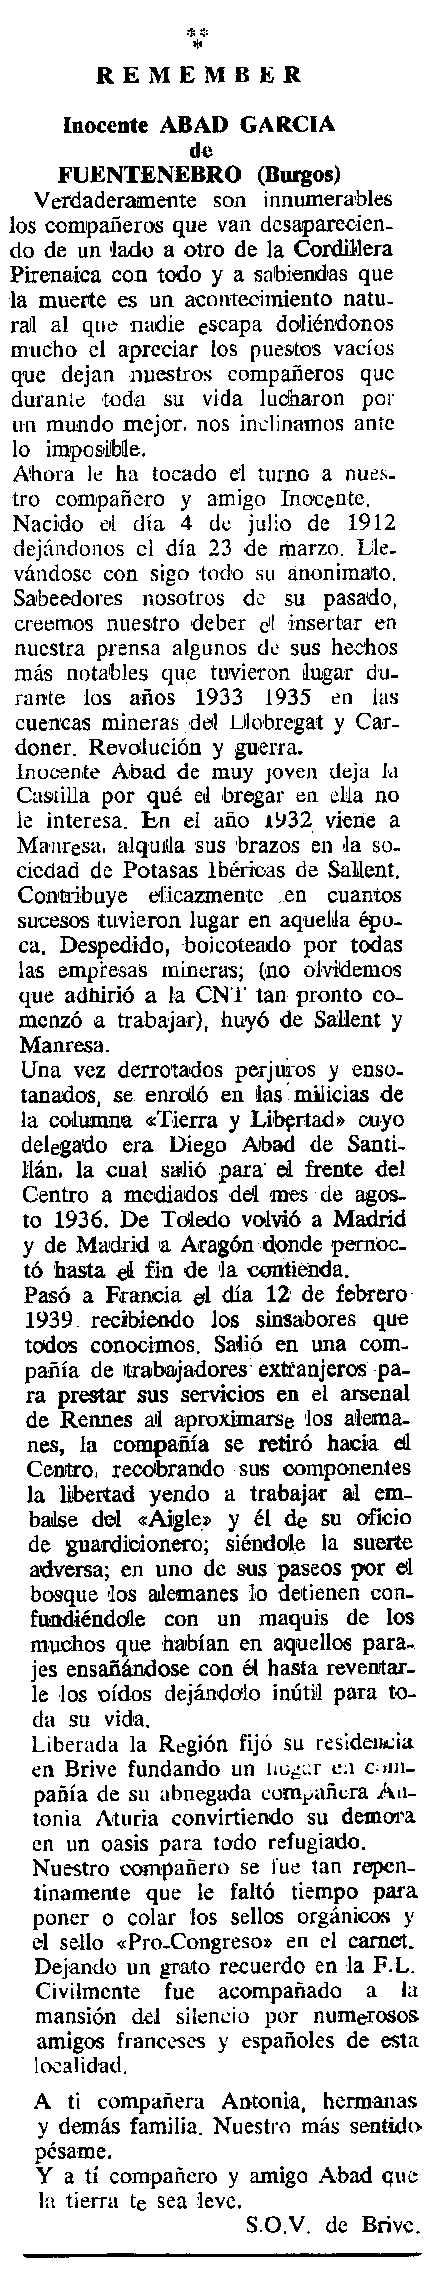 """Necrològica d'Inocente Abad García publicada en el periòdic tolosà """"Cenit"""" del 19 de juny de 1990"""